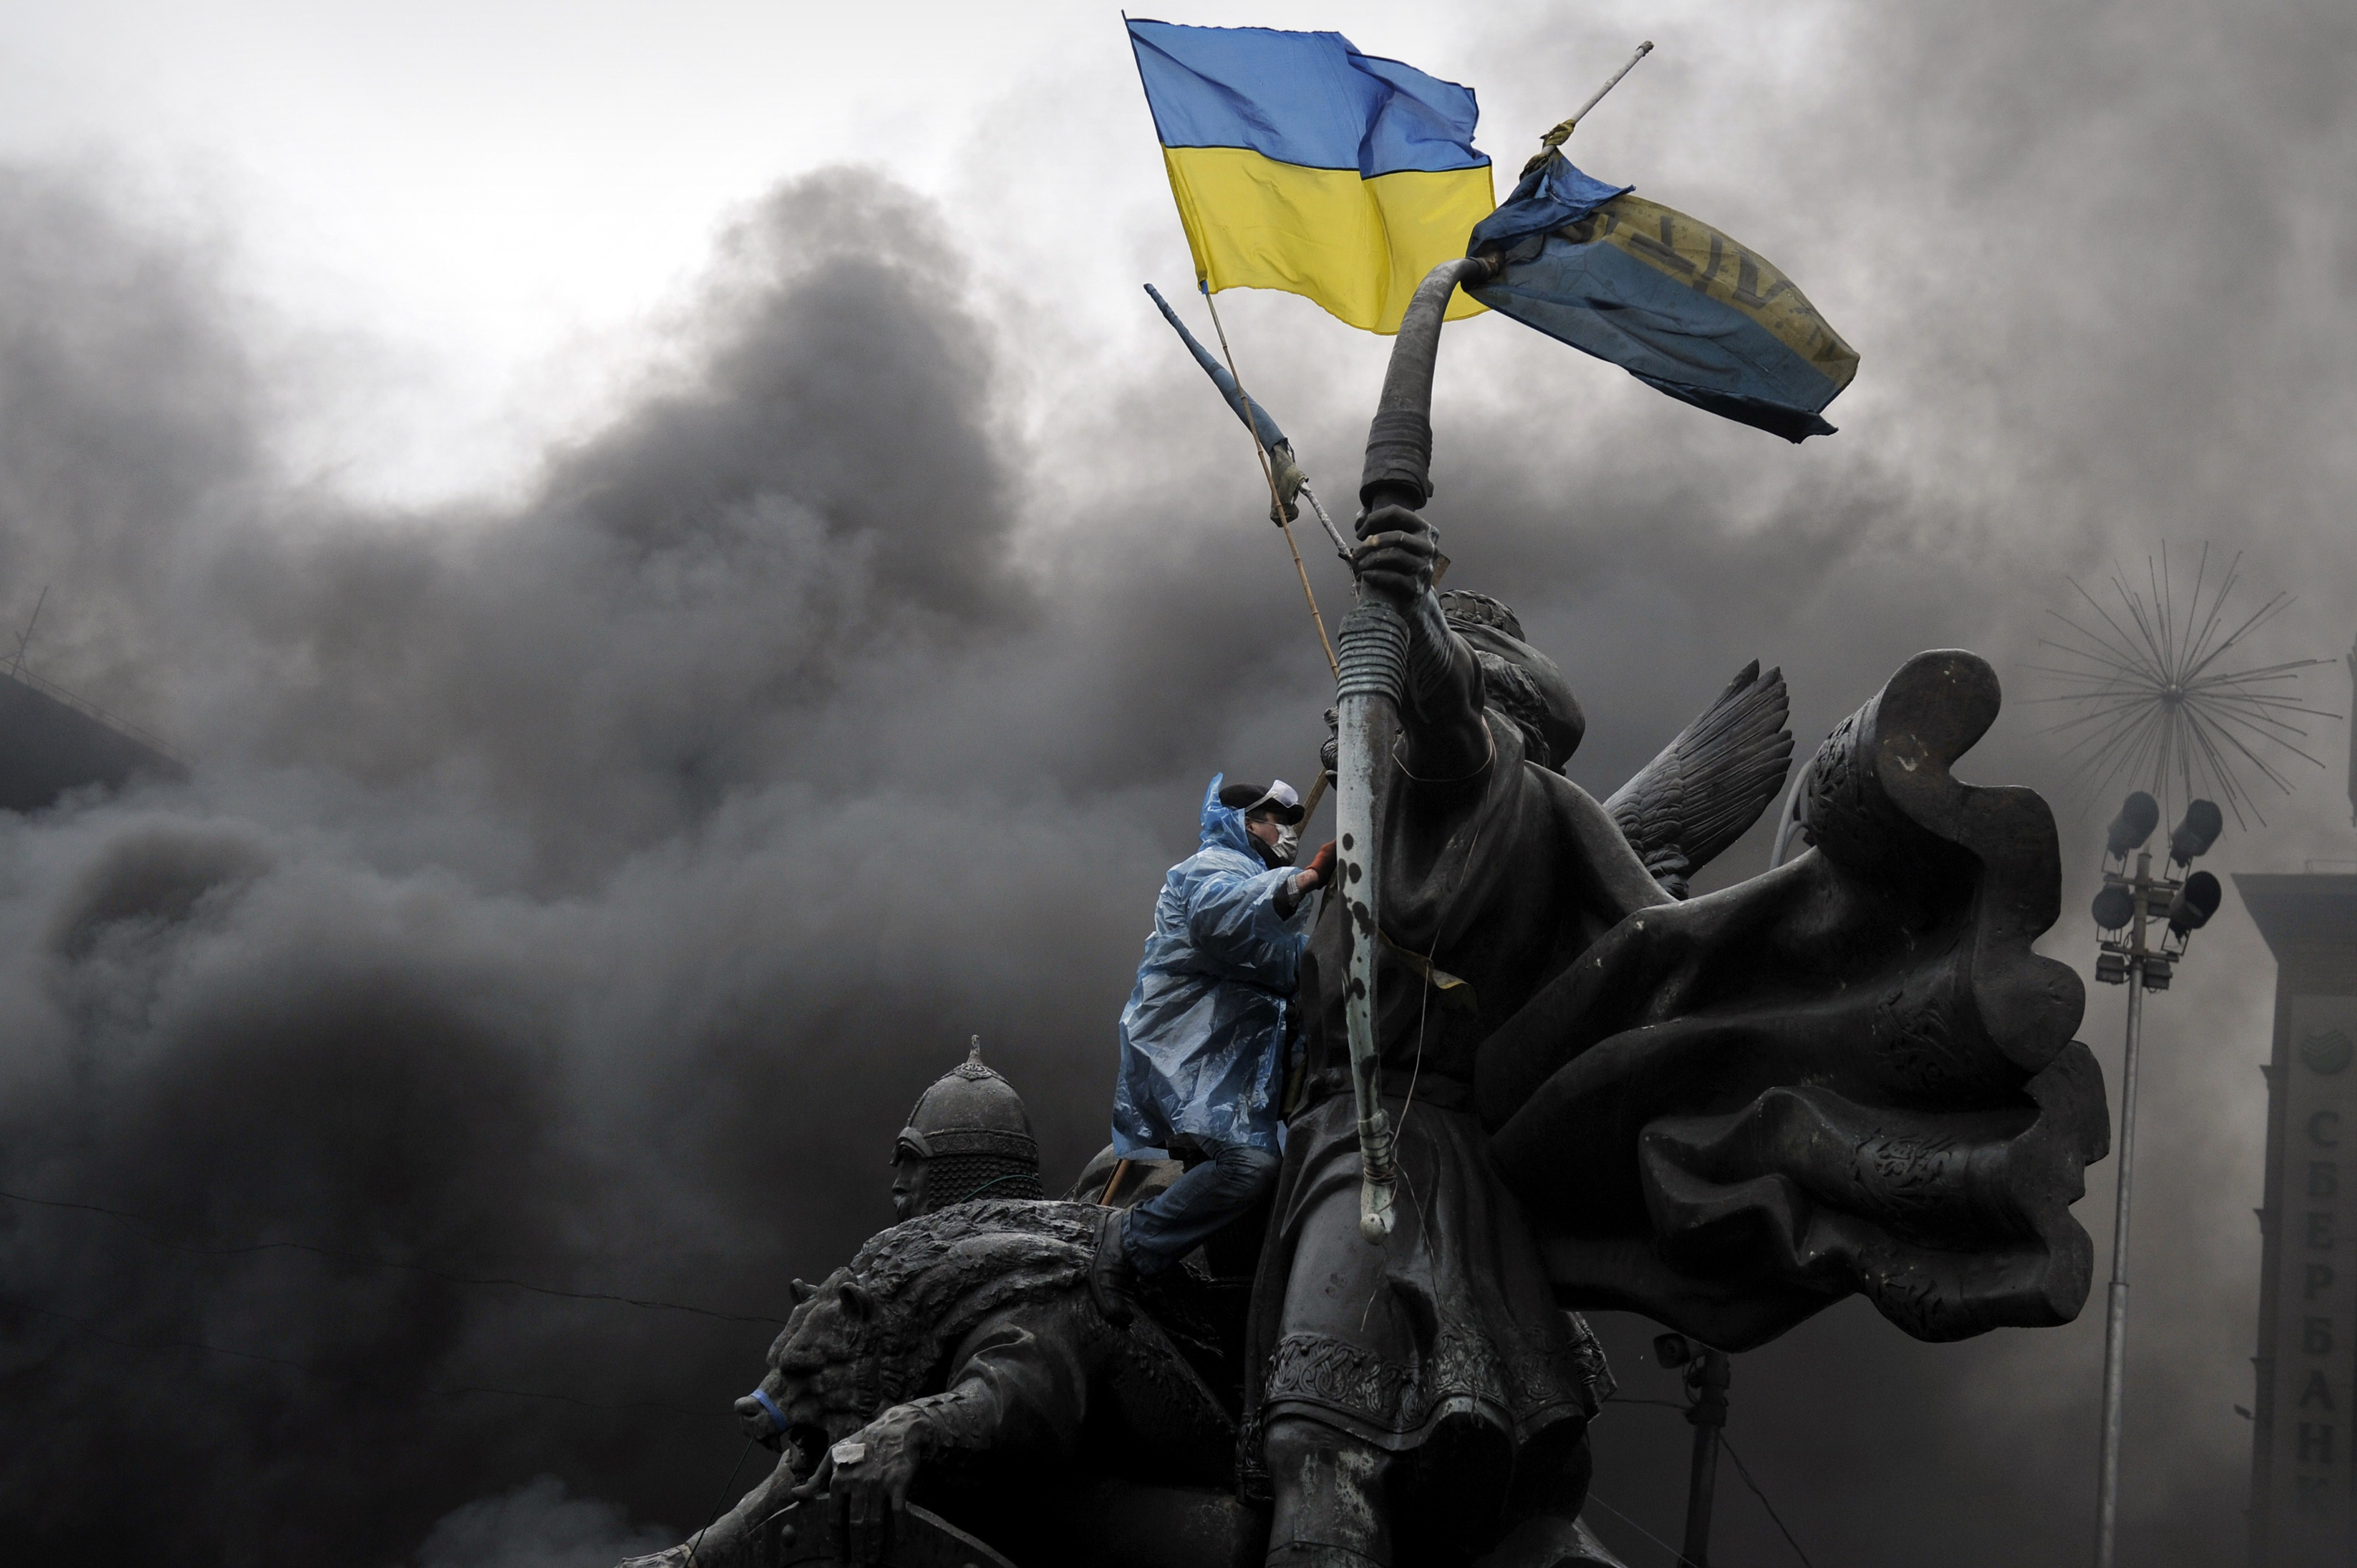 Ukraine Krise: Zwei ukrainische Kampfflugzeuge von Separatisten abgeschossen